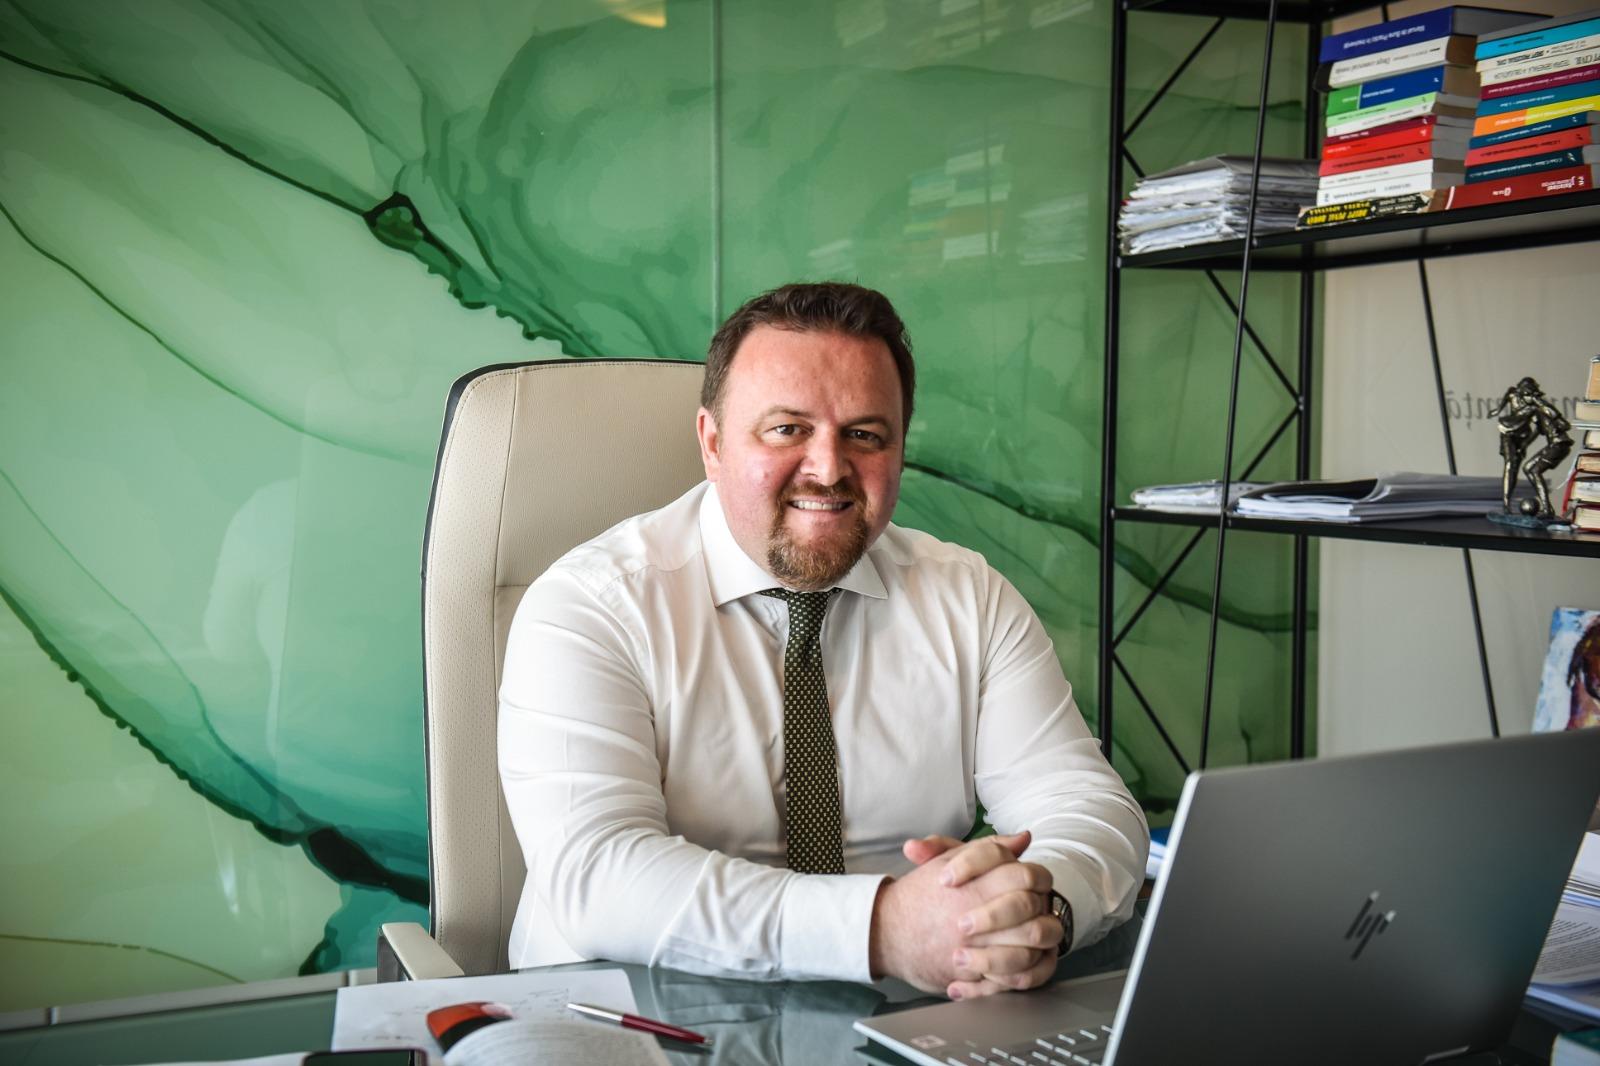 Avocatul Marcel Băcilă: Pandemia, pe lângă laturile ei extrem de păguboase, a adus și multe lucruri bune din punct de vedere organizatoric